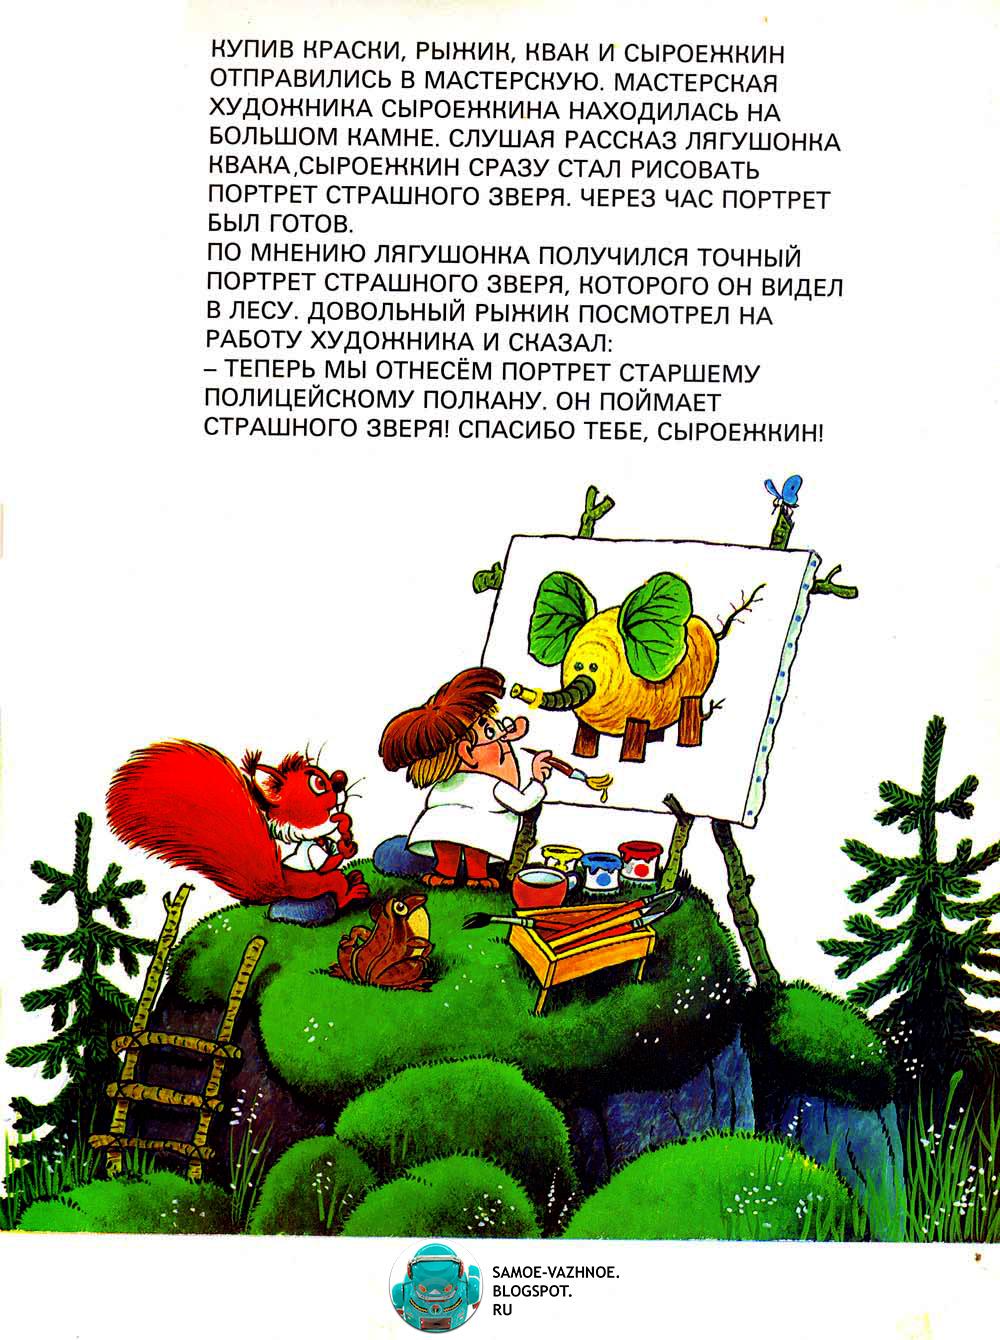 Уско Лаукканен книги. Бельчонок Рыжик. Книга детская художник живёт в грибе